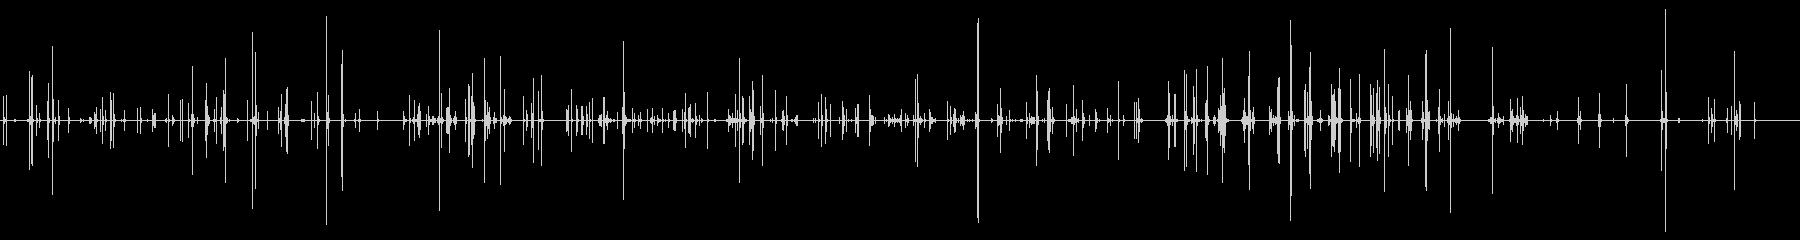 テーブルの上の一般的な皿の騒音の未再生の波形